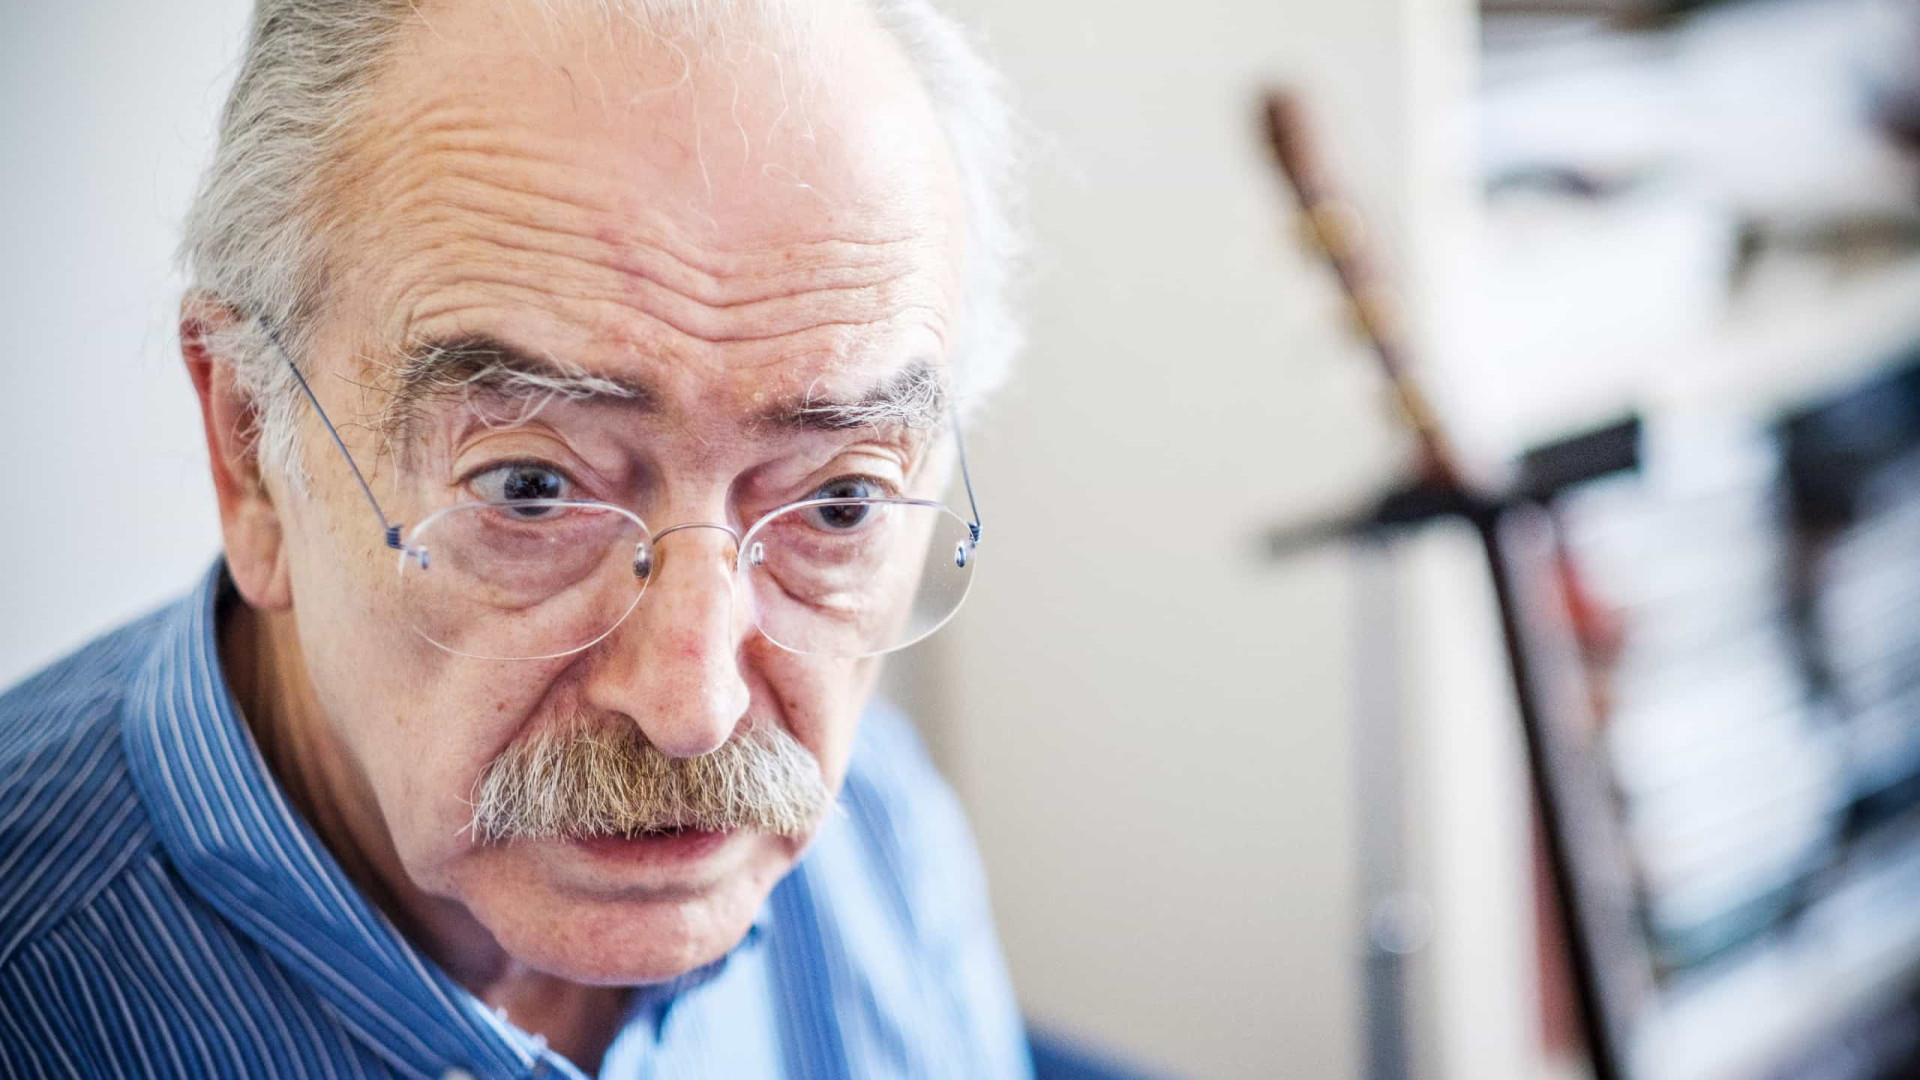 Morreu José Mário Branco. Tinha 77 anos